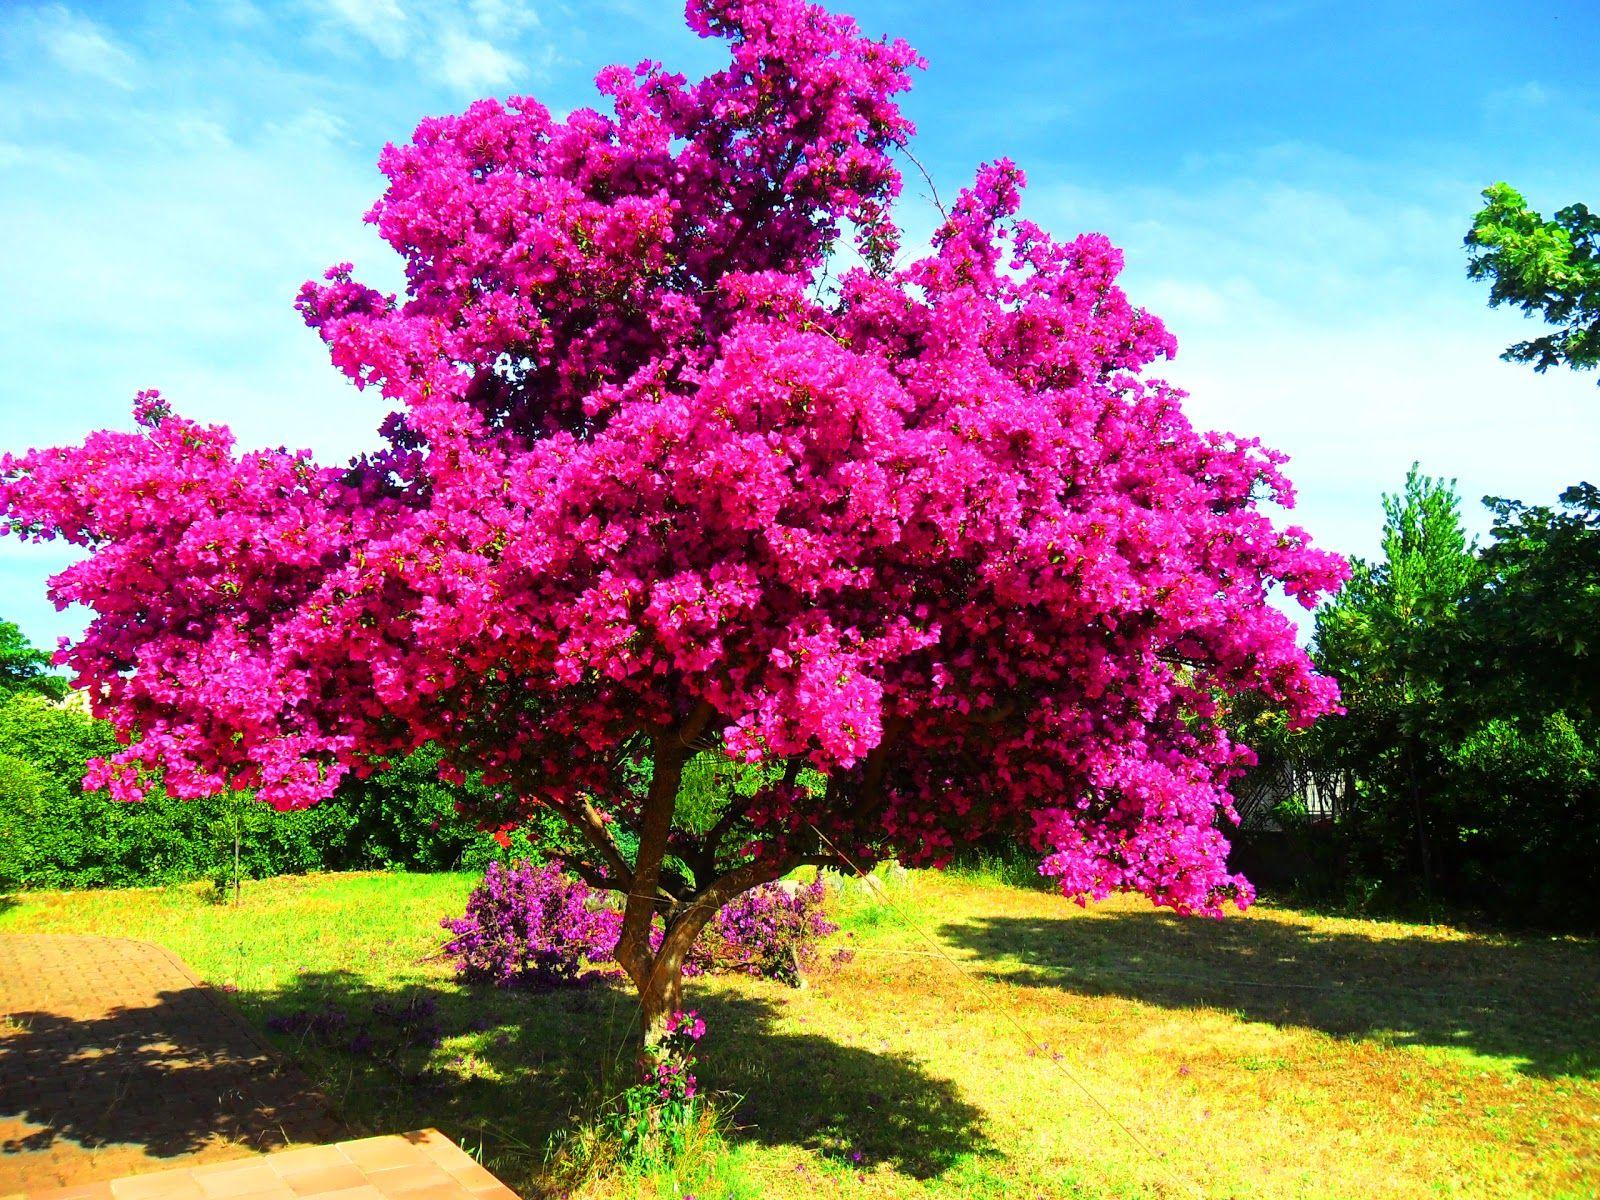 Bougainville Fleur pour bougainvillier … | bougainvillées | pinterest | bougainvillier